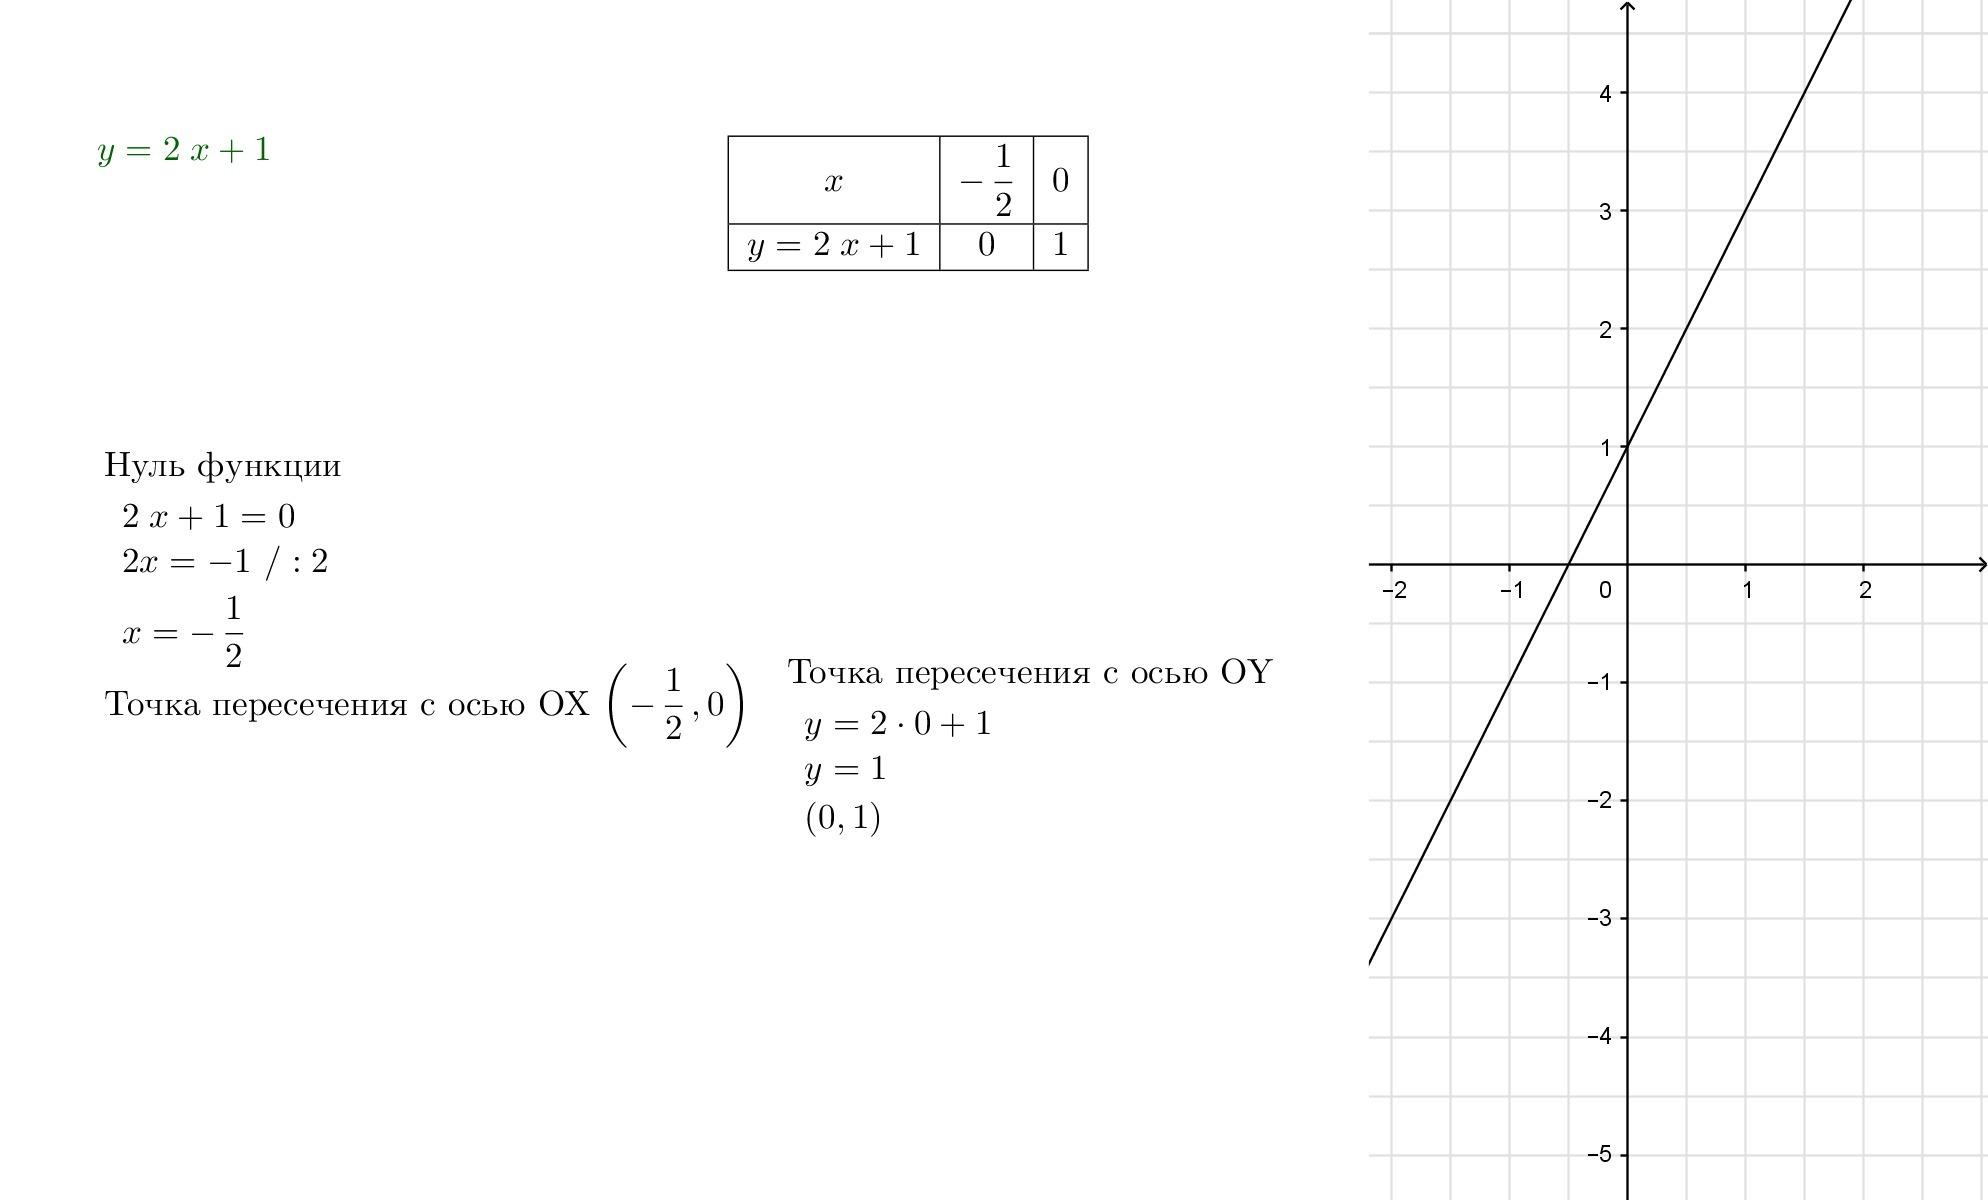 y = 2x + 1 график с таблицей - Школьные Знания.com